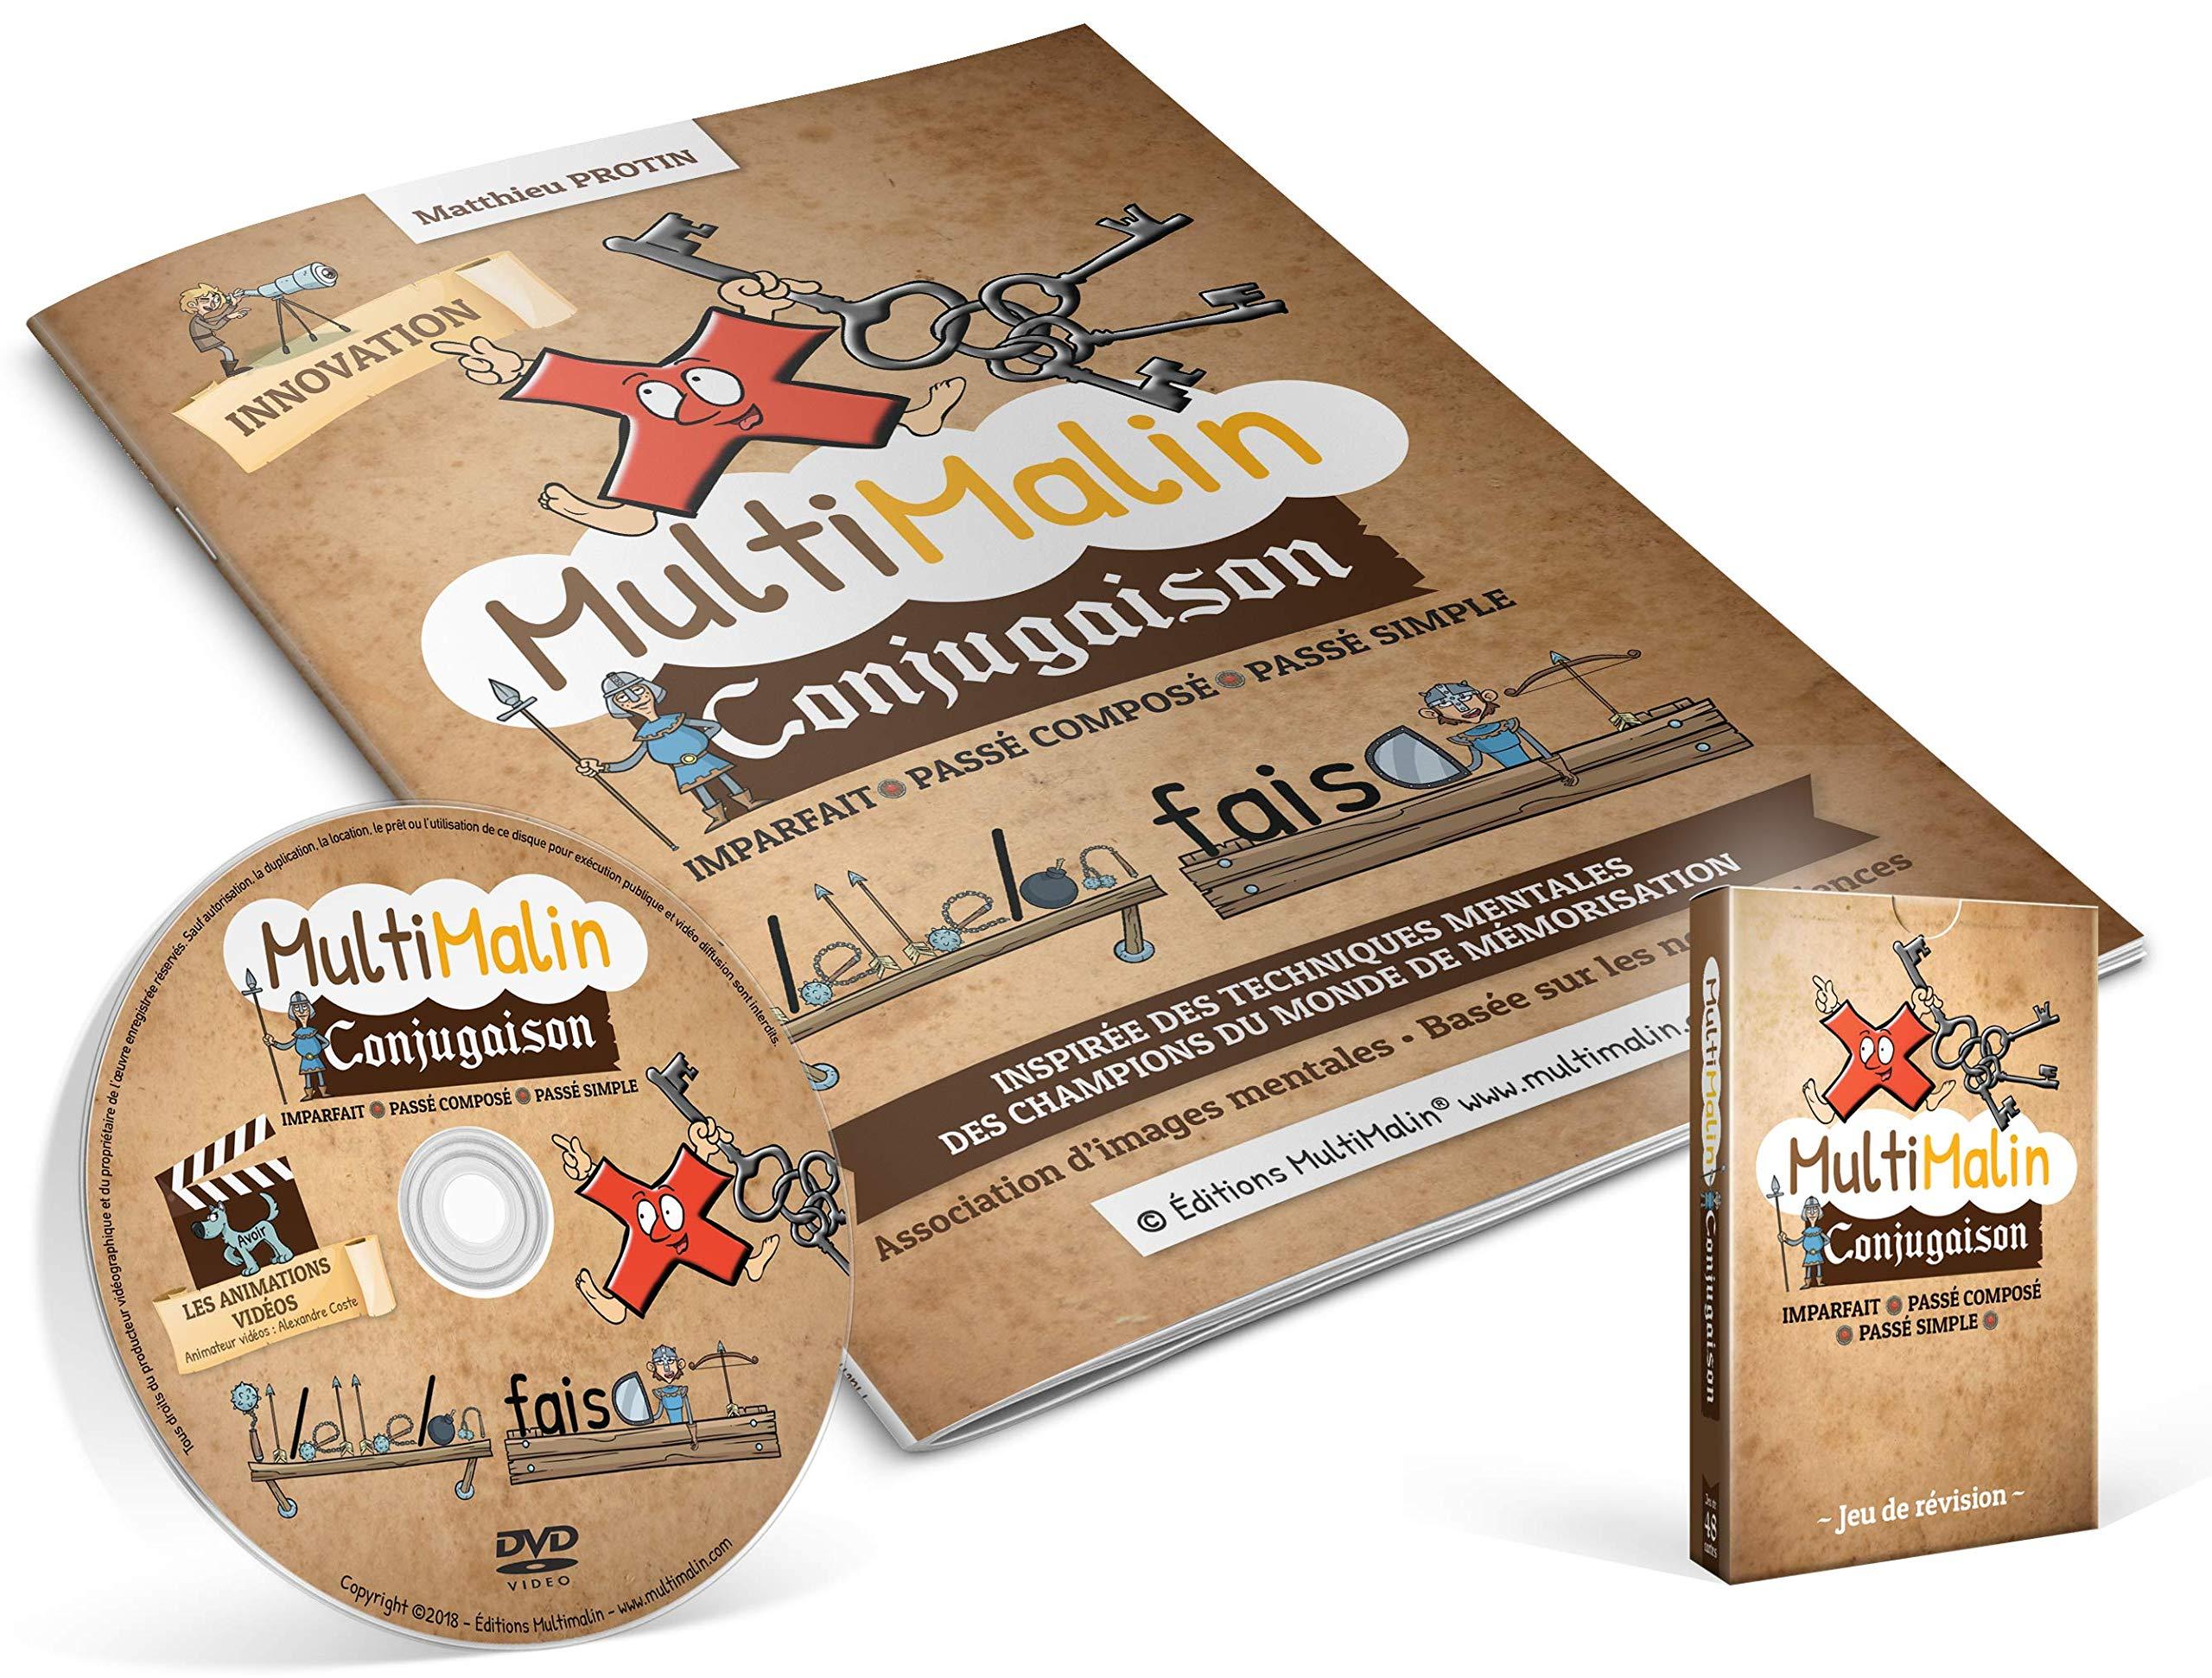 Amazon Fr Multimalin Conjugaison Imparfait Passe Compose Passe Simple Coffret Avec Un Cahier D Apprentissage 2 Jeux De 48 Cartes Et Un Dvd 1dvd Protin Matthieu Livres